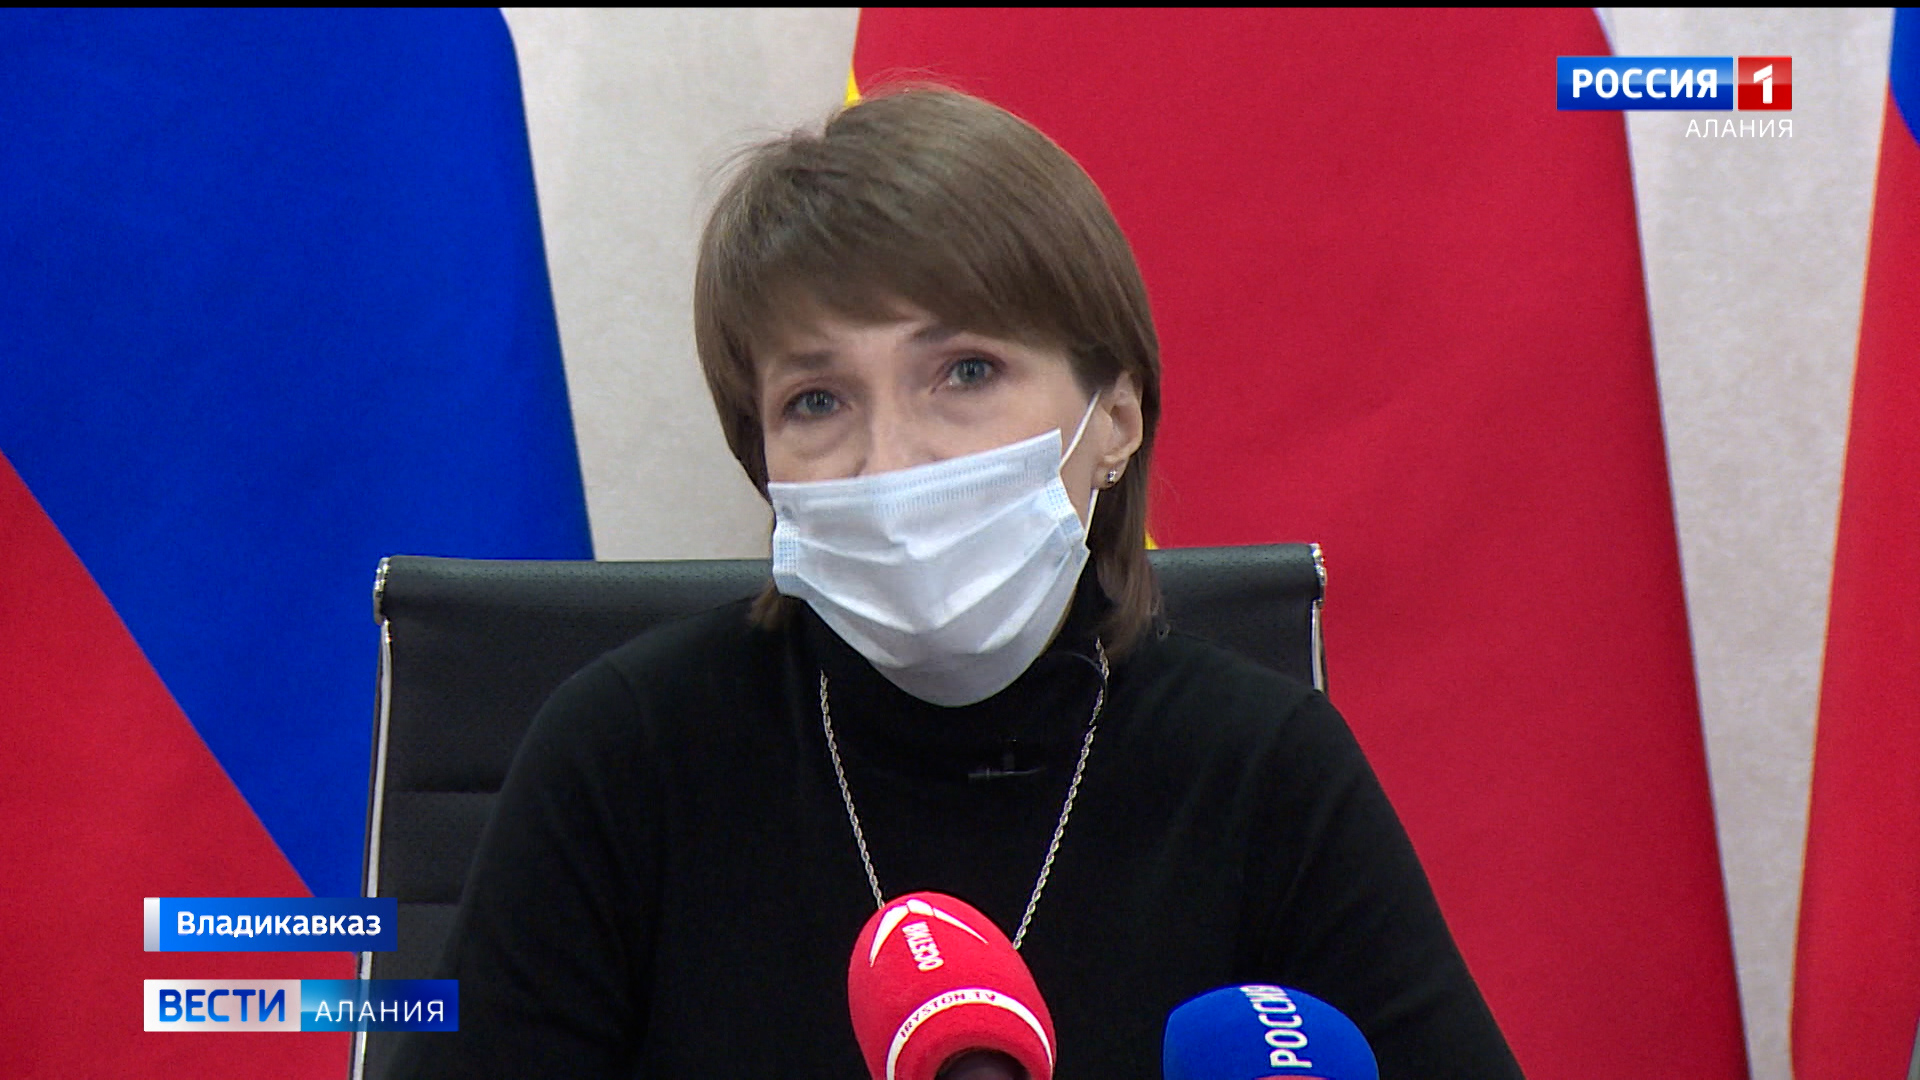 Северная Осетия получила более 2,7 млрд рублей на стимулирующие выплаты медикам, работникам соцзащиты и обеспечение безопасности во время голосования